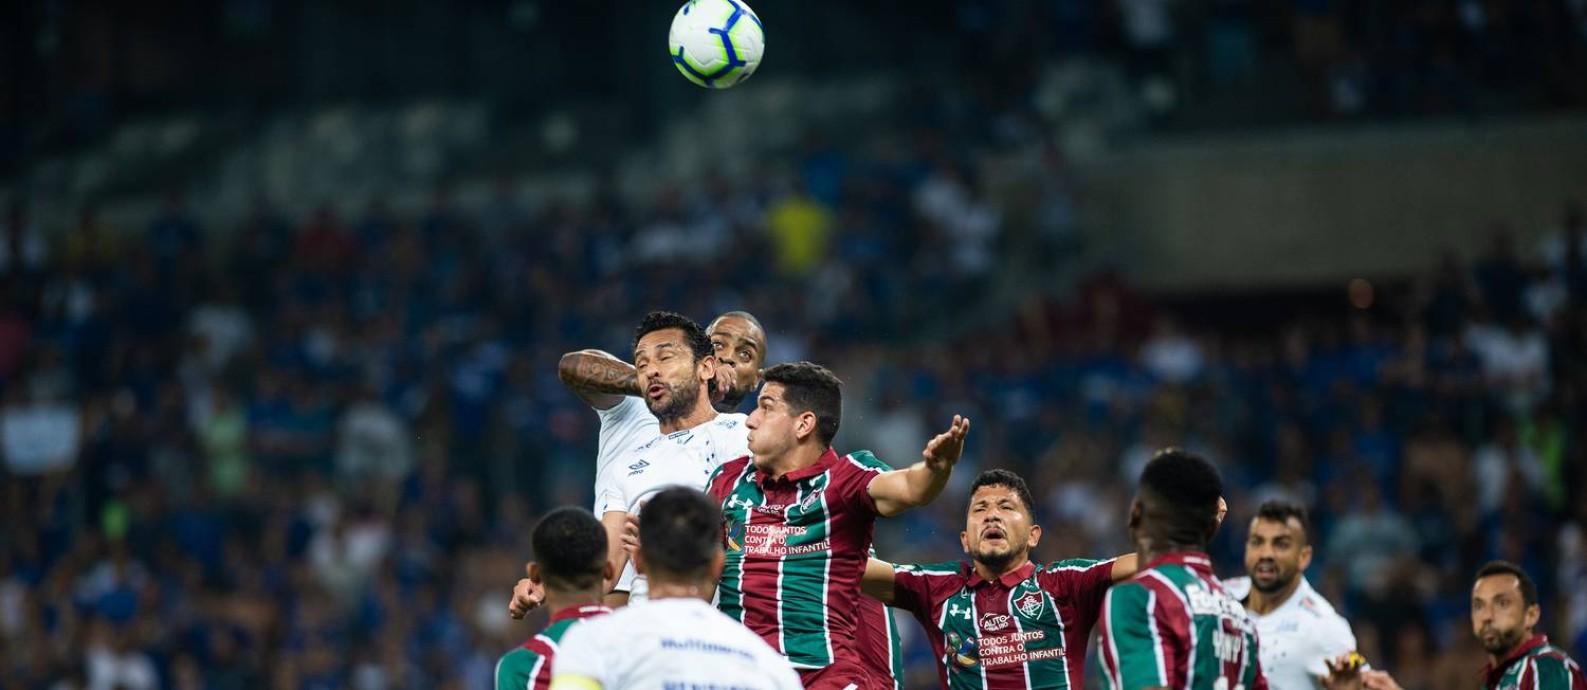 Fred e Dedé disputam a bola na área do Fluminense Foto: Bruno Haddad/Cruzeiro